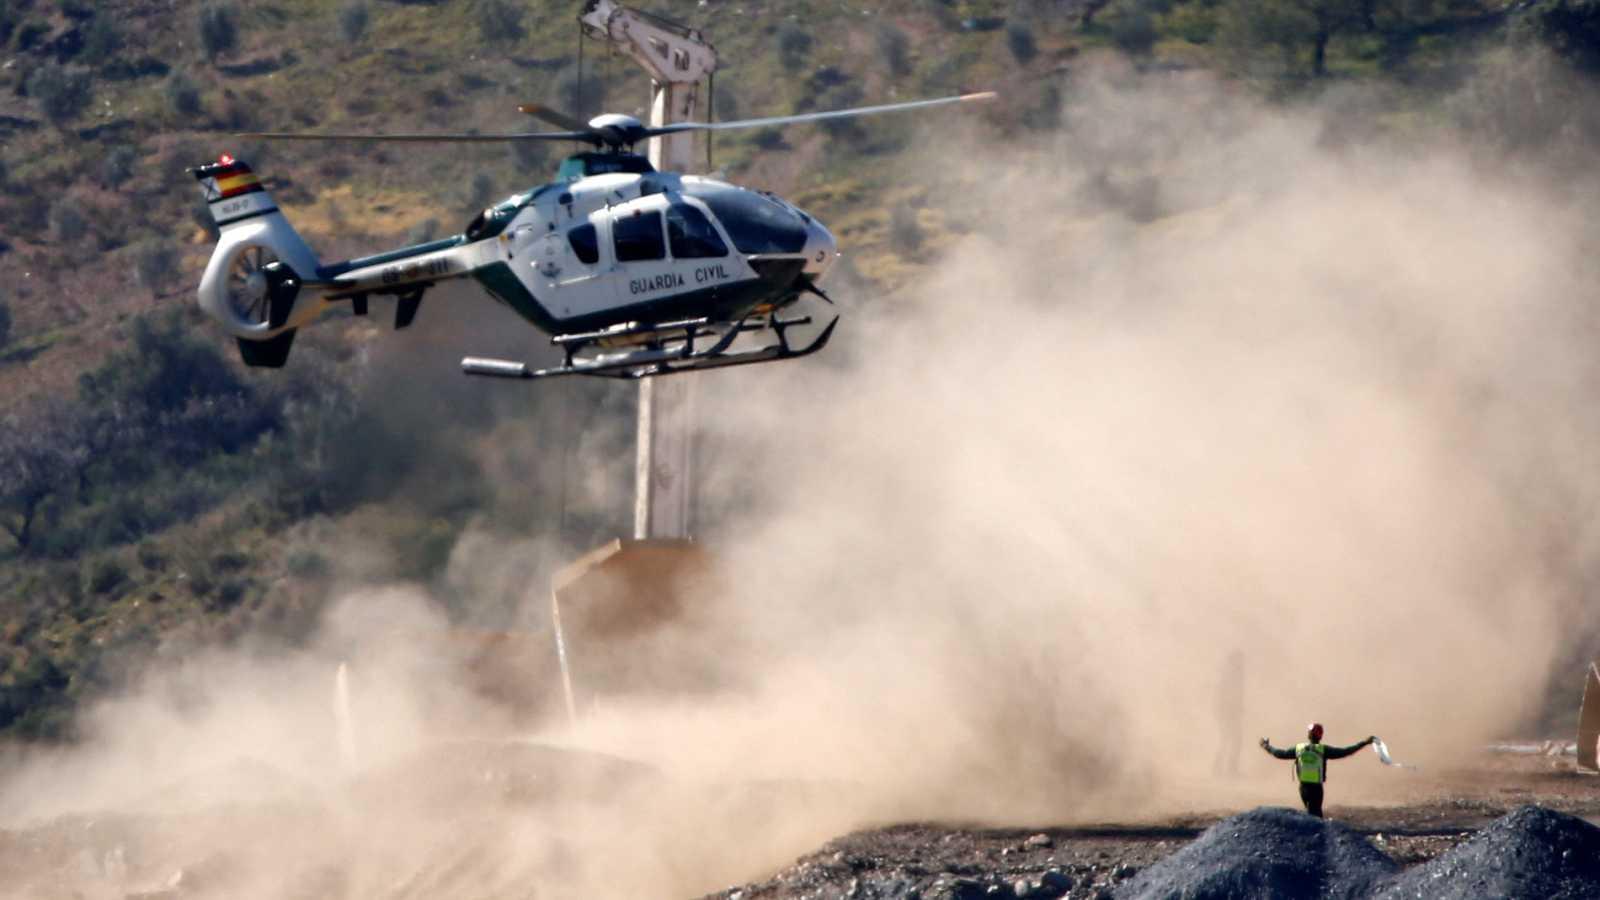 Cómo hacen los mineros las microvoladuras